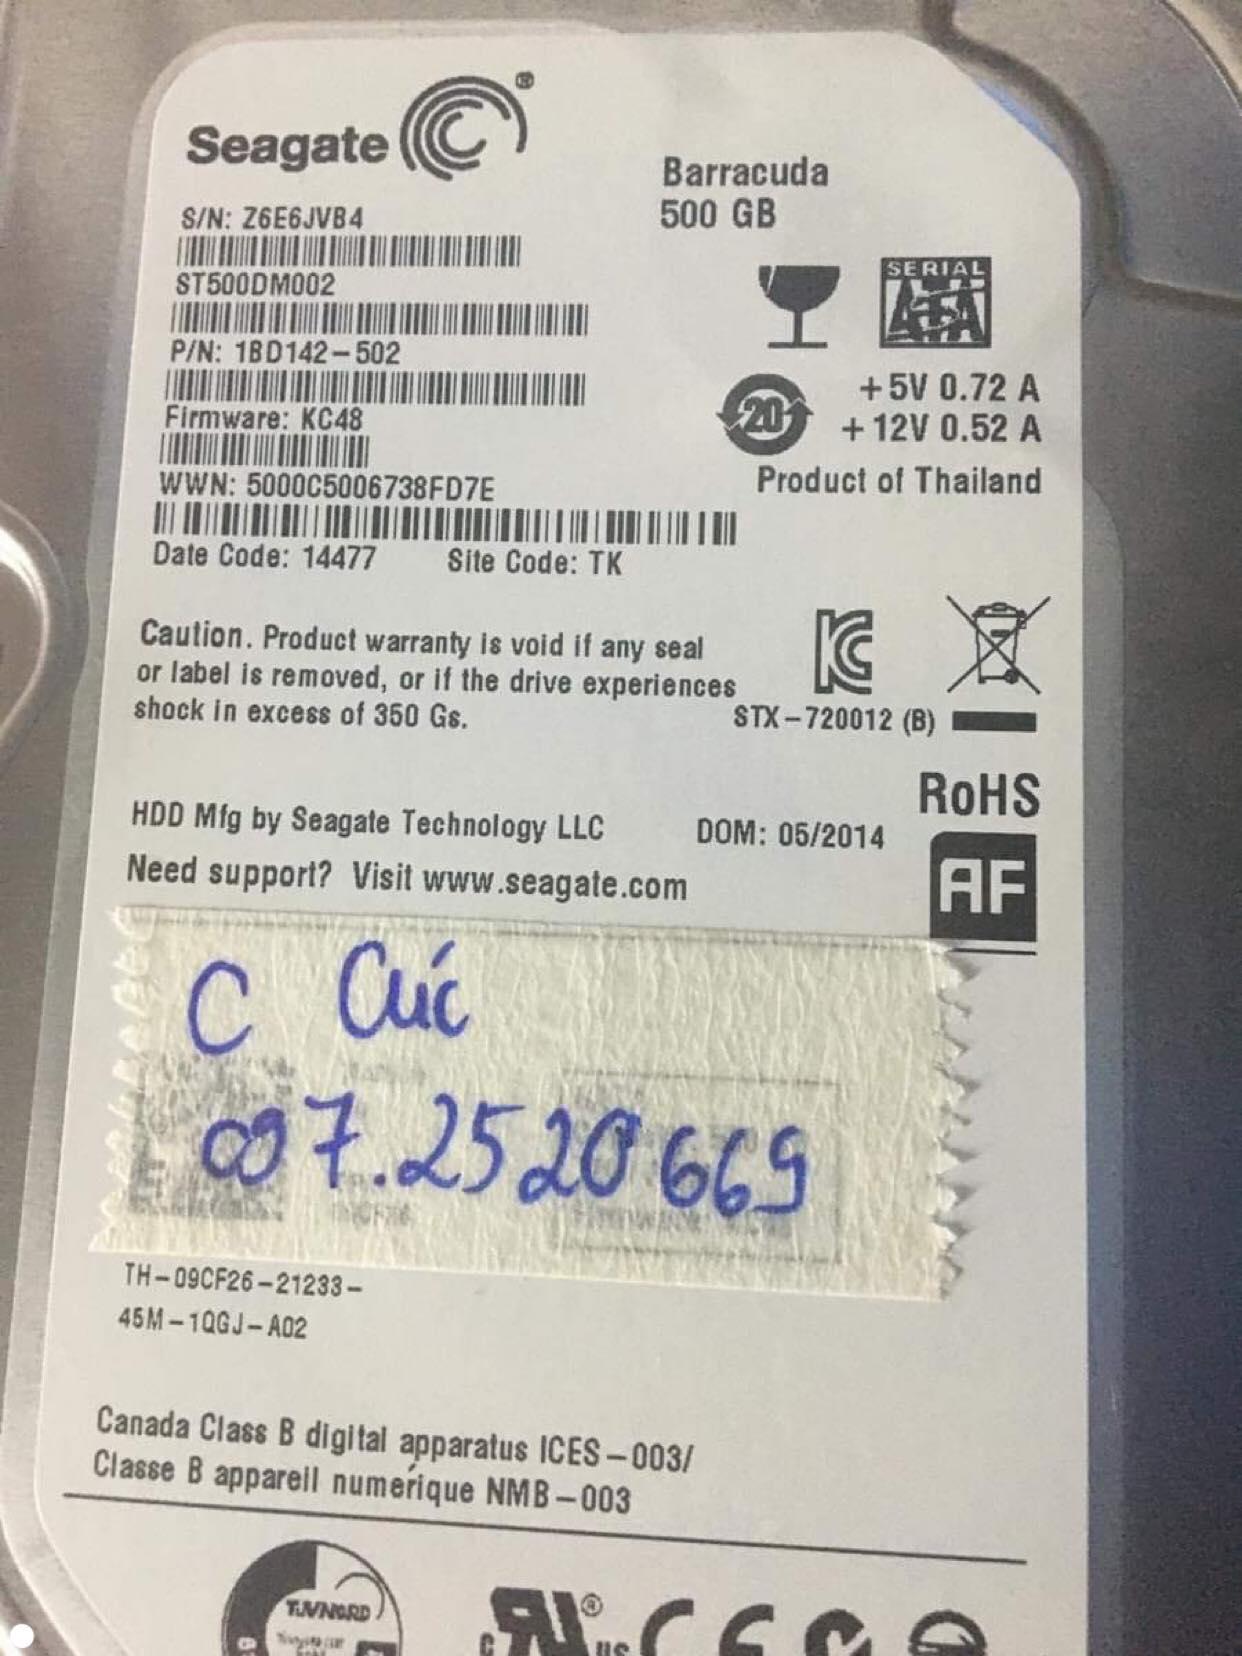 Cứu dữ liệu ổ cứng Seagate 500GB không nhận 11/10/2019 - cuumaytinh